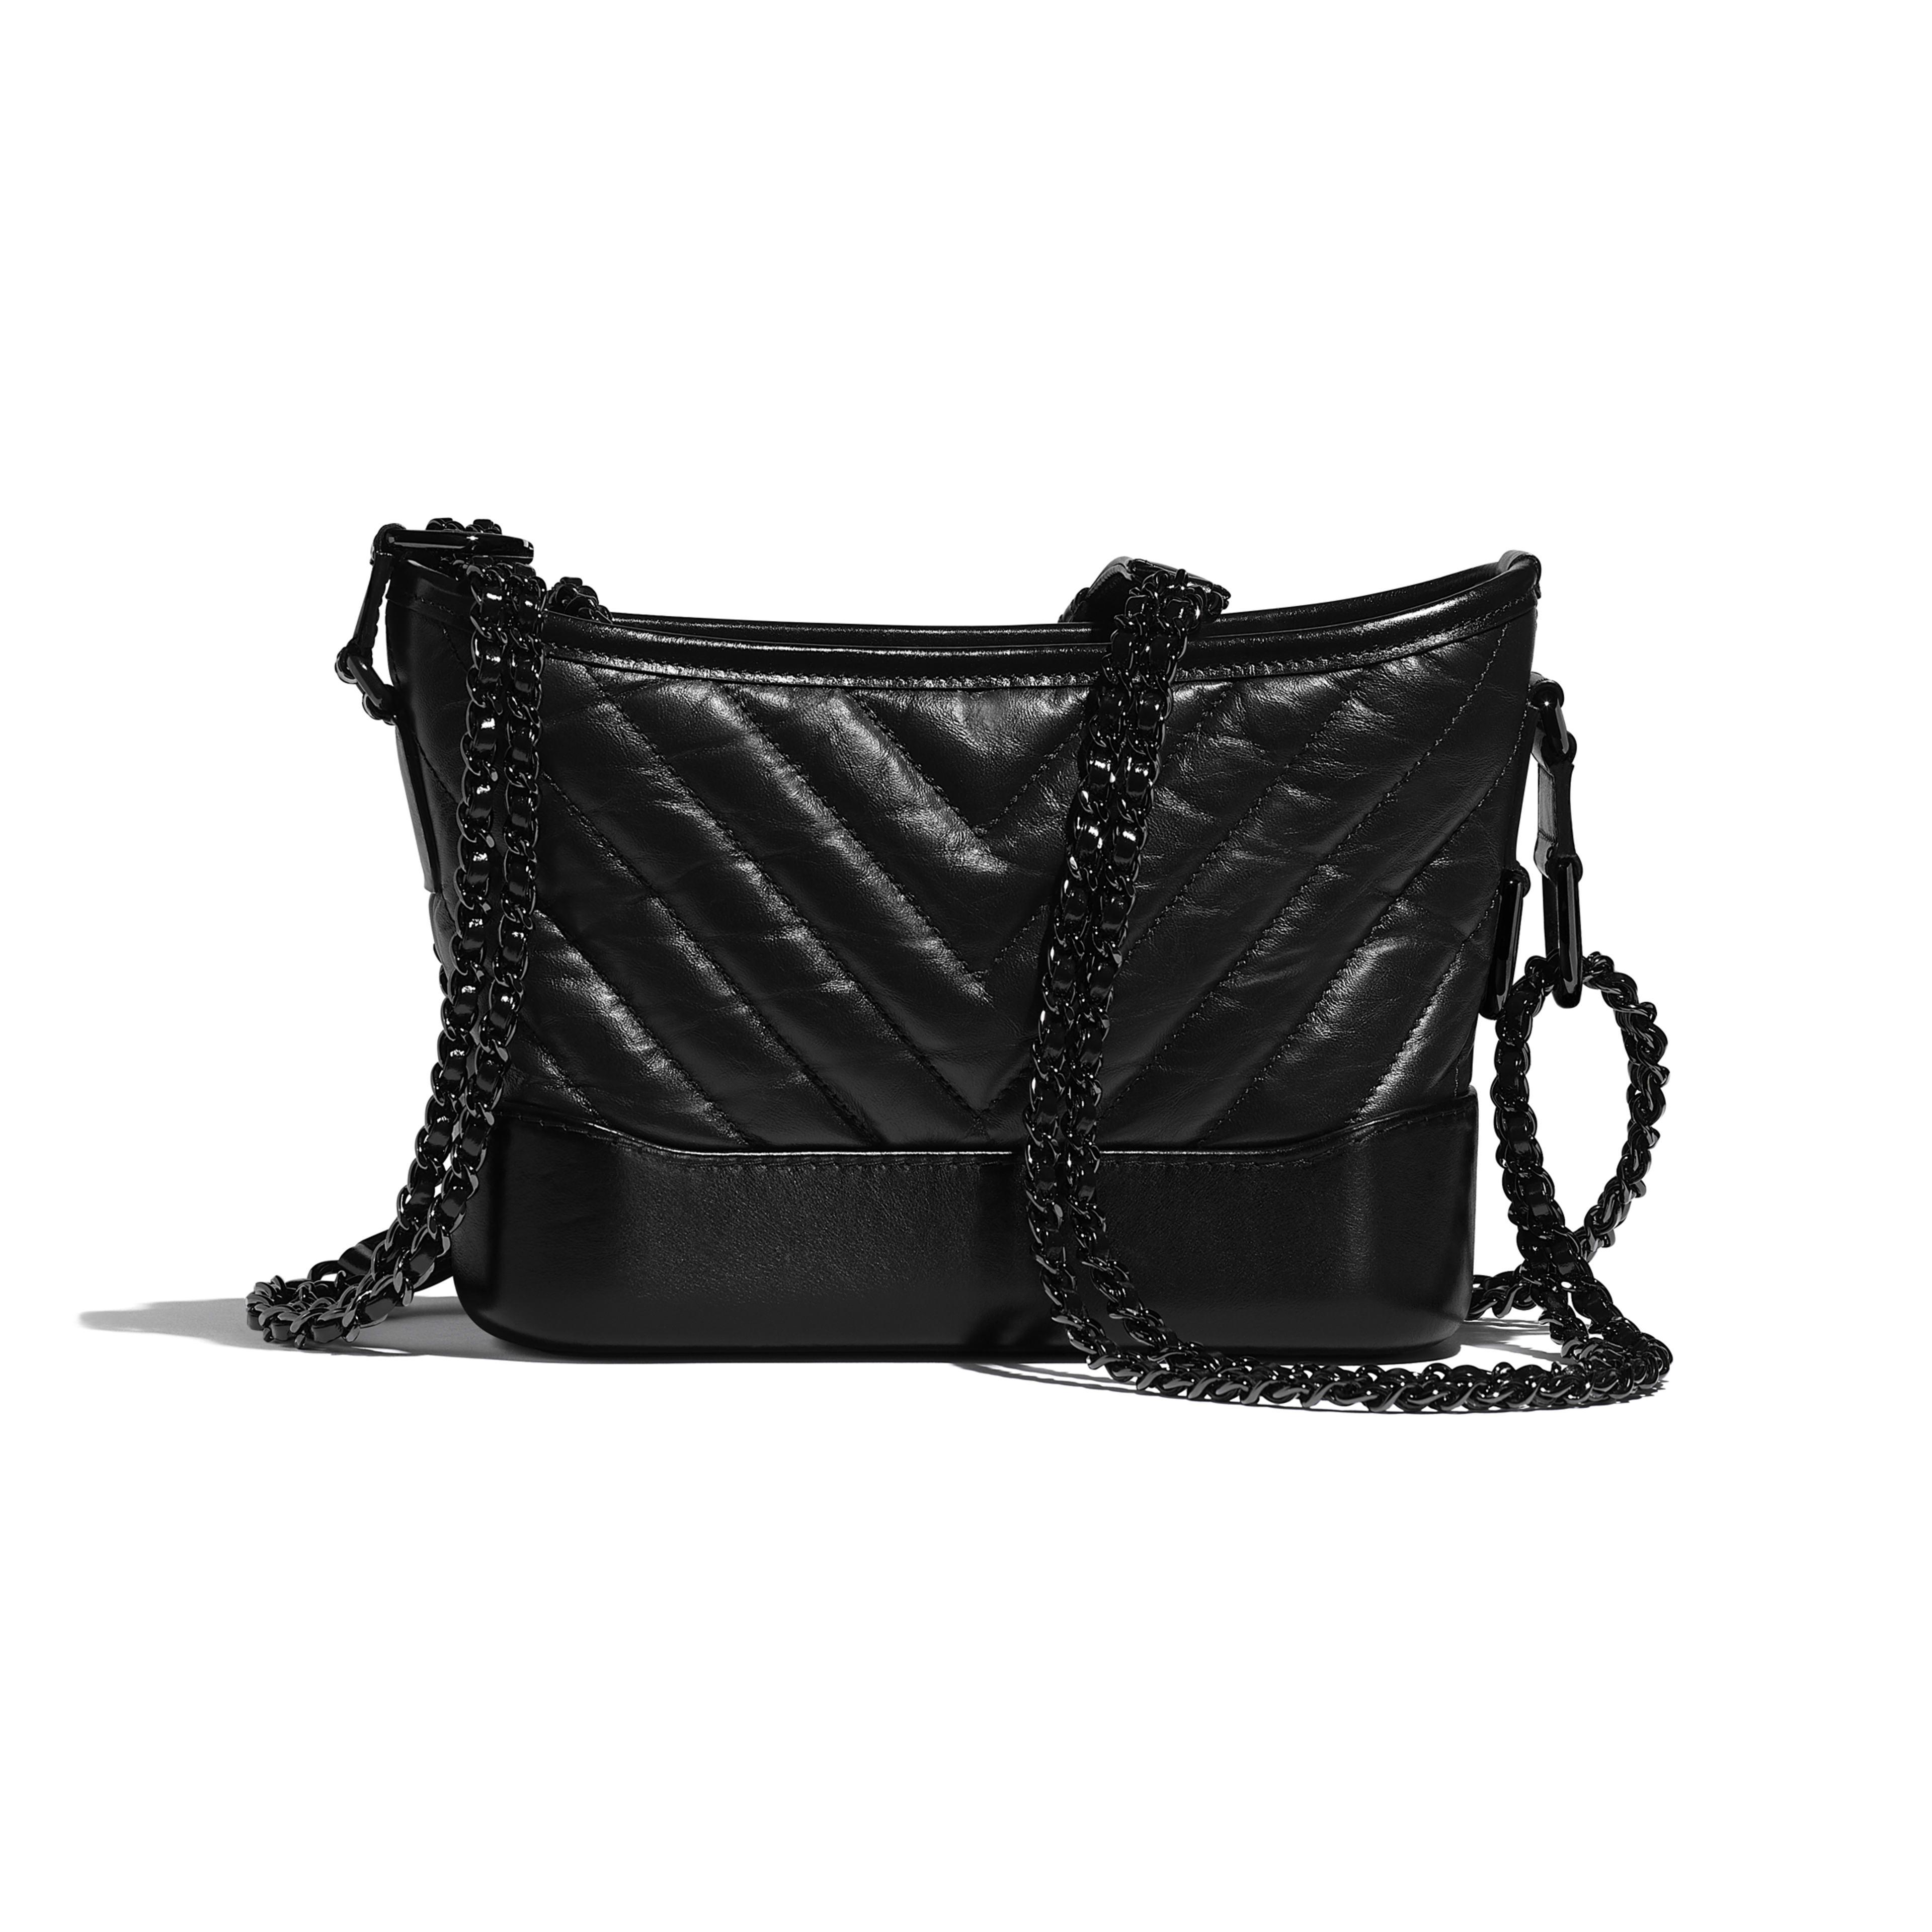 CHANEL'S GABRIELLE сумка hobo маленького размера - Черный - Состаренная кожа теленка, гладкая кожа теленка и черный металл - Альтернативный вид - посмотреть полноразмерное изображение